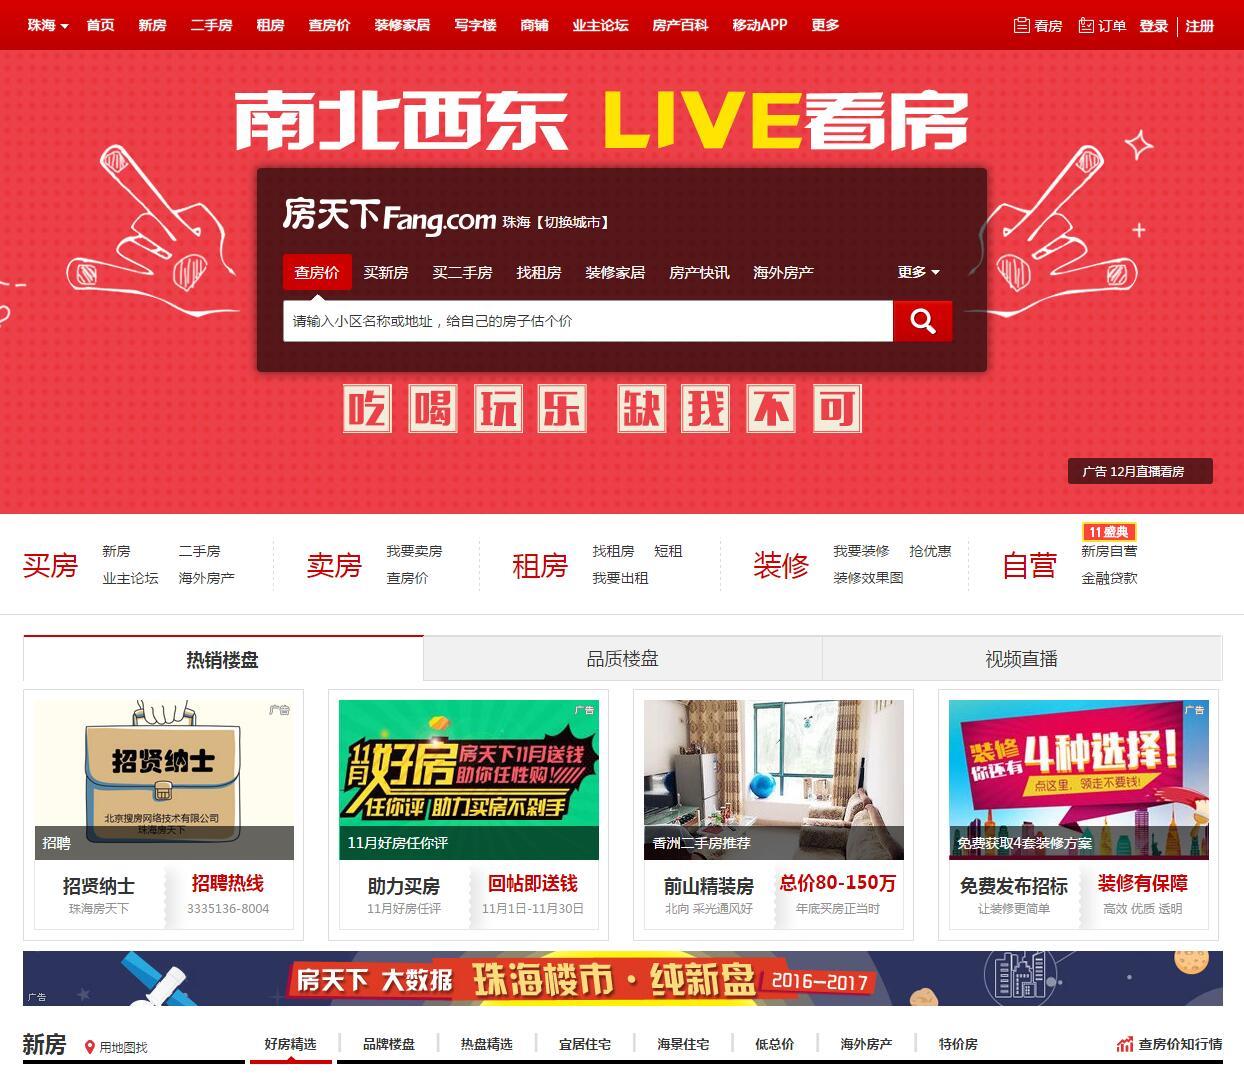 搜房网 海外房产网_搜房网房天下 - fang.com网站数据分析报告 - 网站排行榜